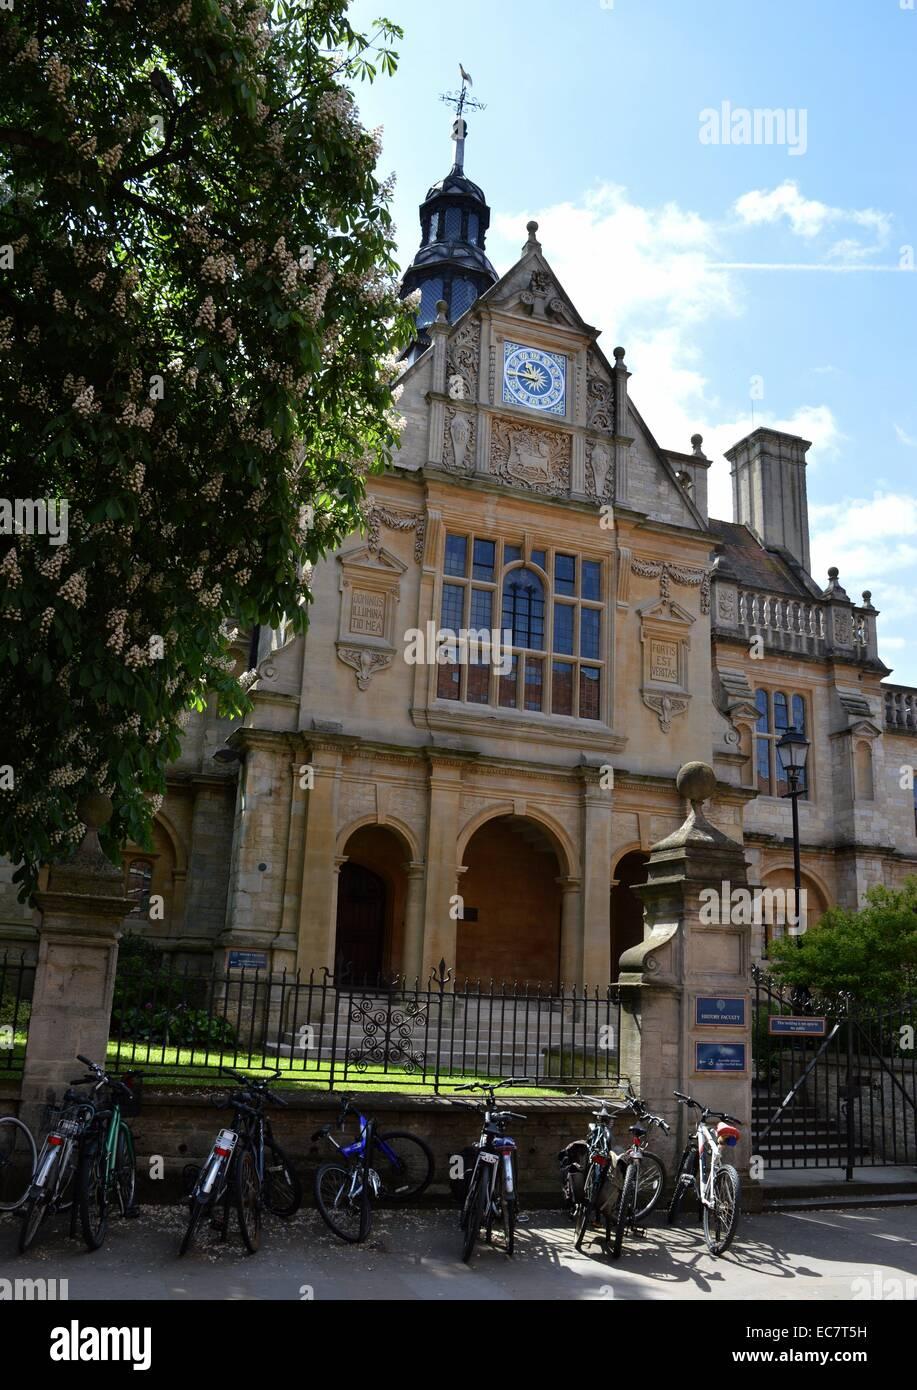 Facultad de Historia de la universidad de Oxford, Oxford, Inglaterra Imagen De Stock